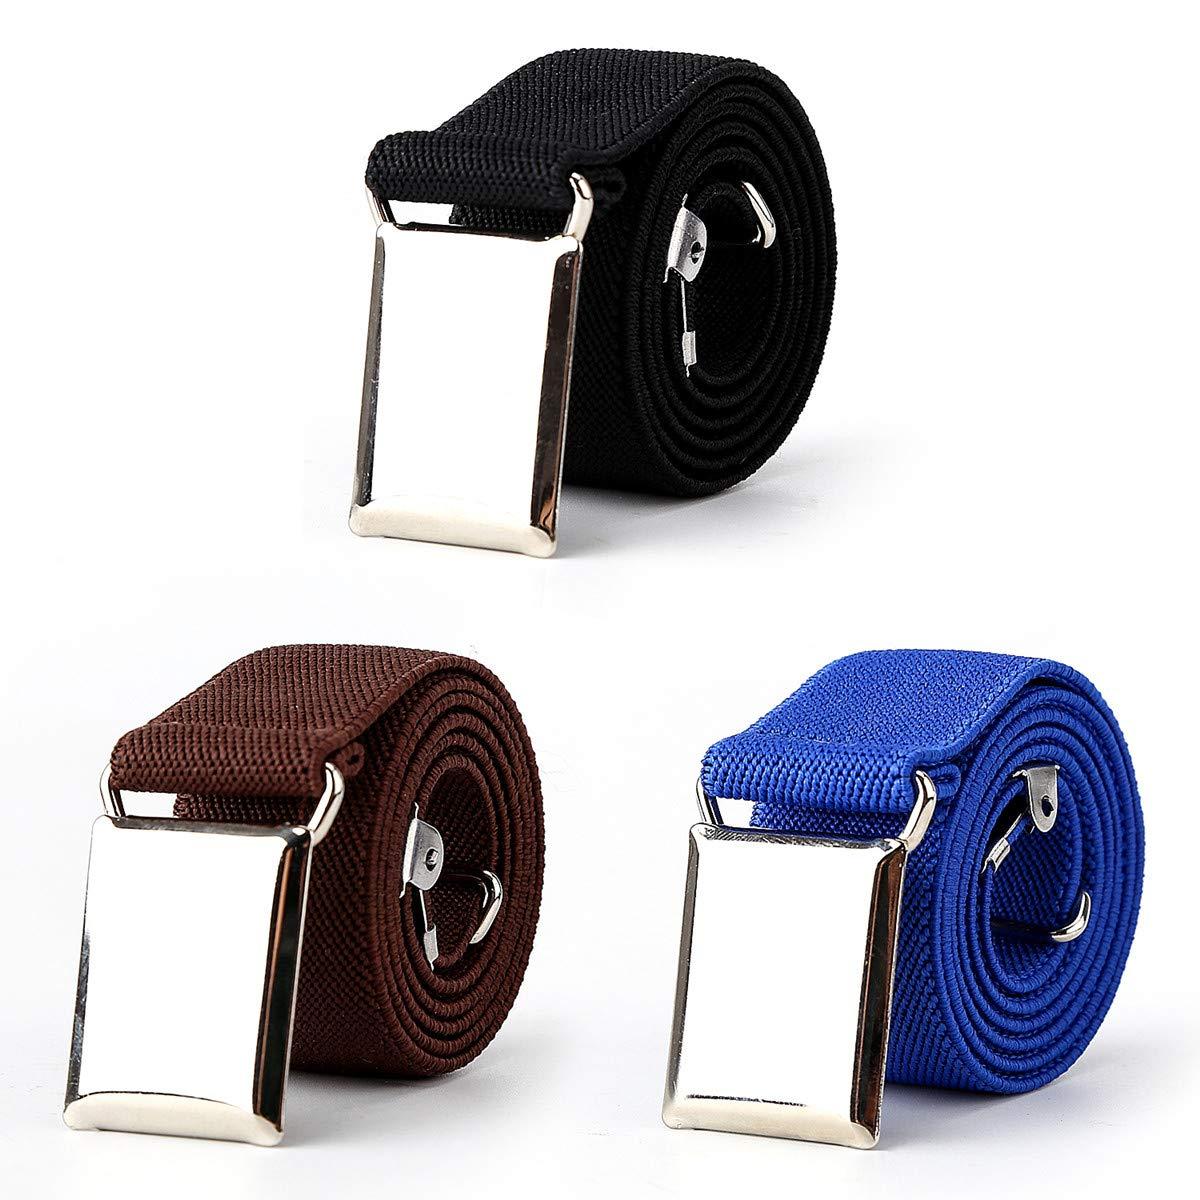 Kids Boys Toddler Elastic Belts, 3pcs Adjustable Stretch Child Buckle Belt by Unfad